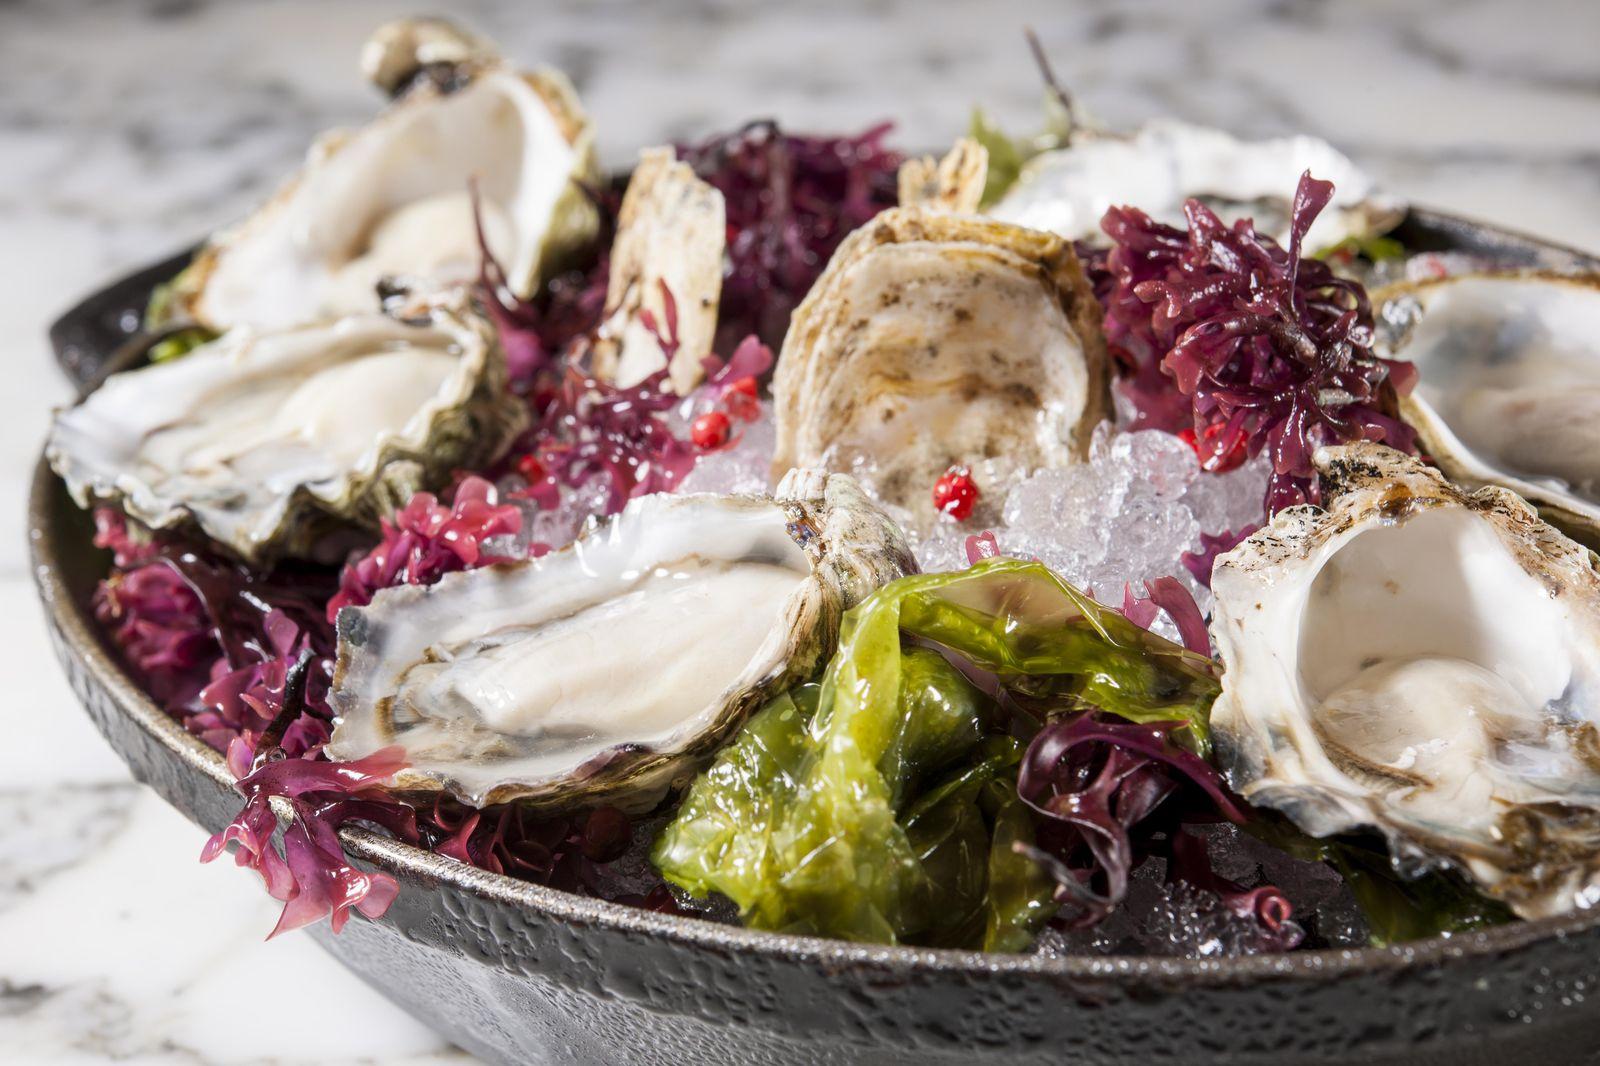 そんなダニエル・ブールー氏のレストラン「DB BISTRO & OYSTER BAR」では、自家製シャルキュトリ、ハンドカットのタルタルステーキ、などフランスのビストロの人気料理を食べられるほか、最大の特徴として、店内には見るだけでも興奮してしまうようなゴージャスなオイスターバーが設置されており、太平洋・大西洋の牡蠣、ボストンロブスター、アラスカキングクラブなど、最高のシーフードを楽しむことができます。